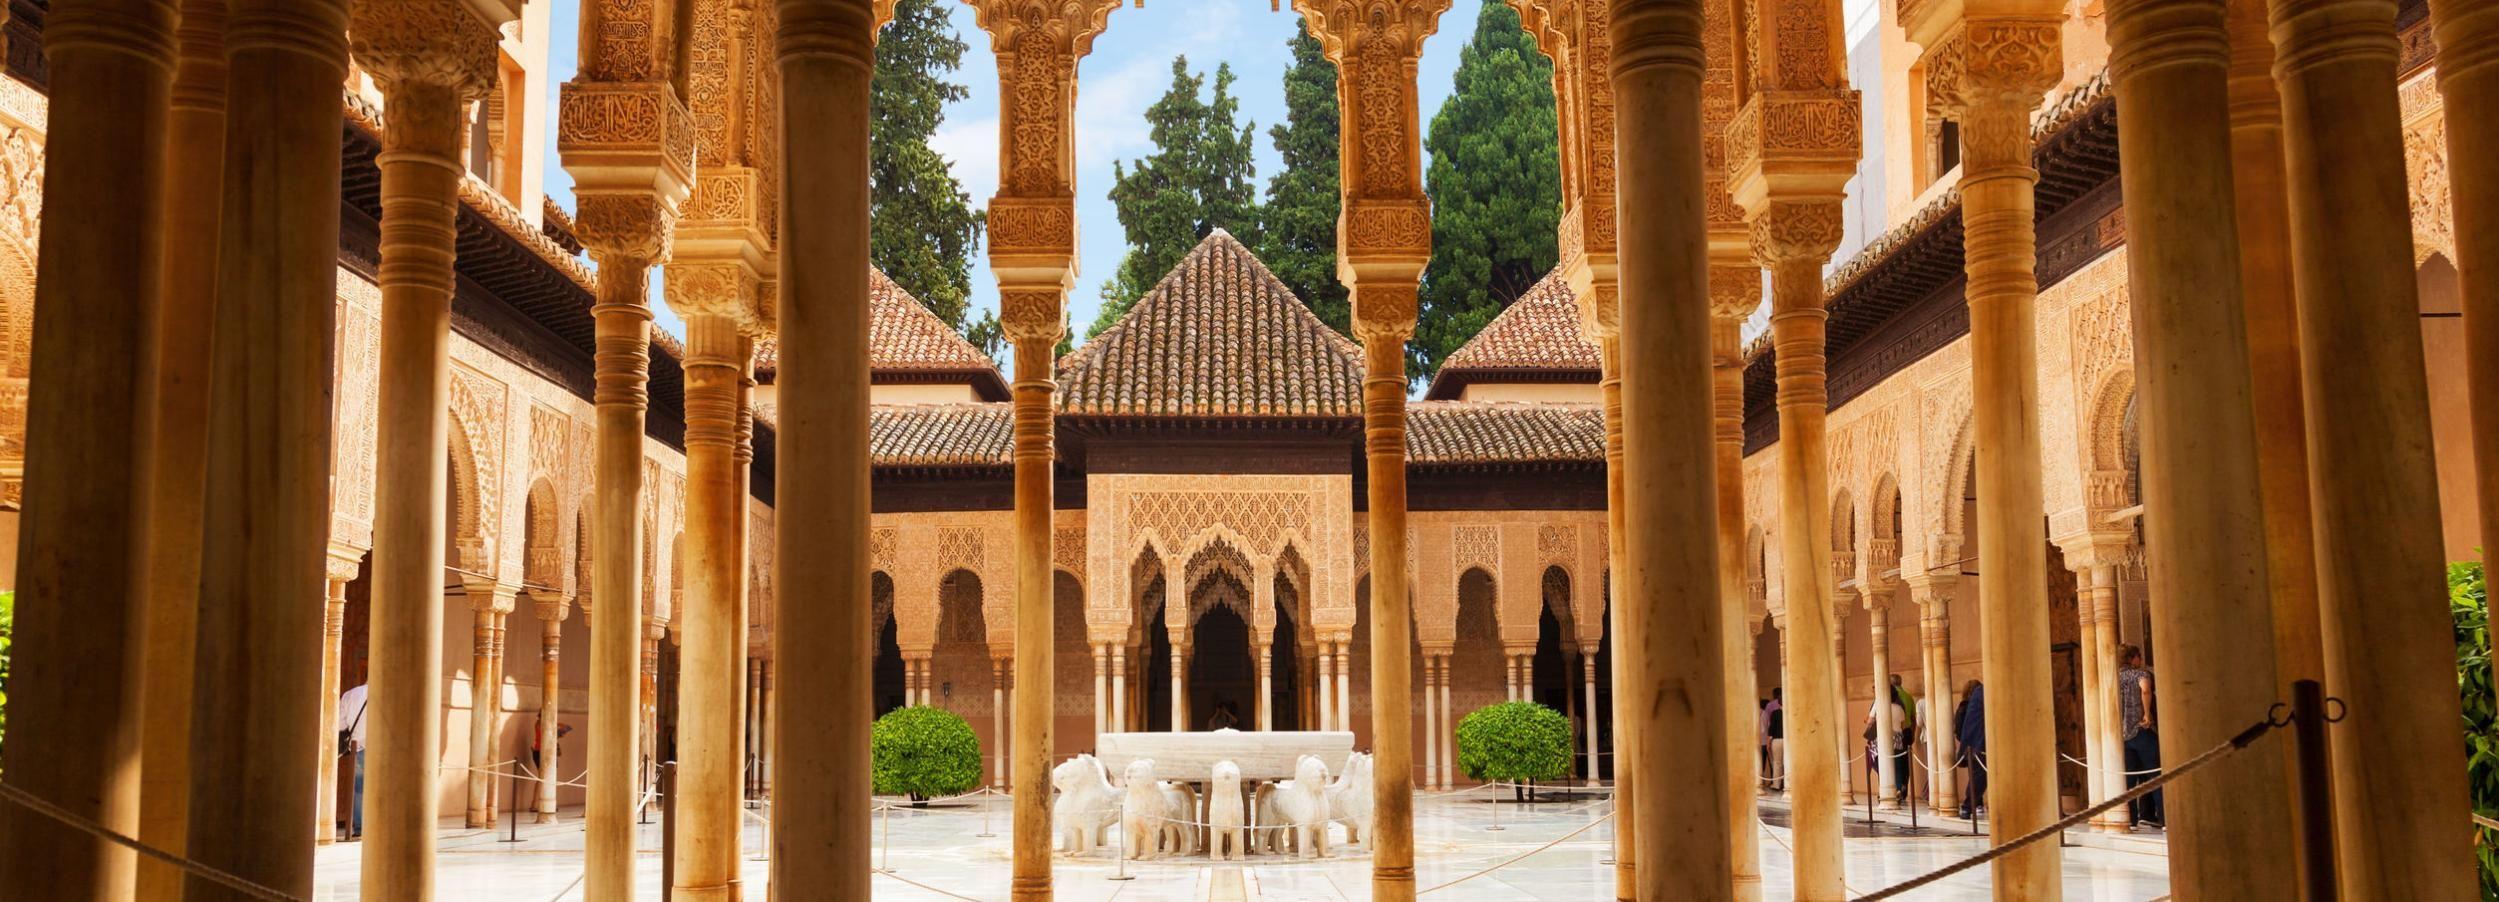 Billet coupe-file: Alhambra, palais Nasrides et Généralife